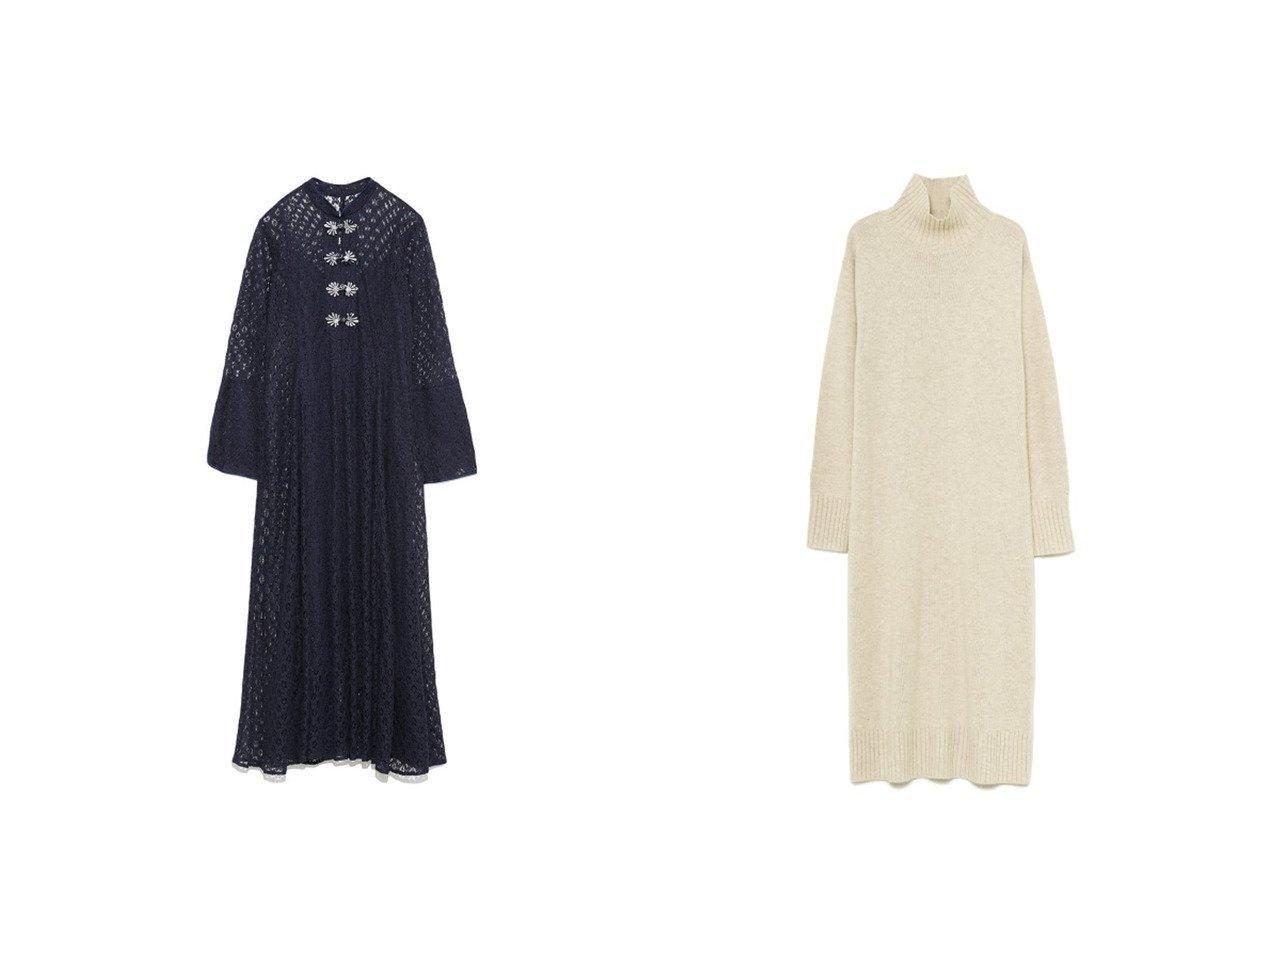 【FRAY I.D/フレイ アイディー】のニットワンピース&【Lily Brown/リリーブラウン】のチャイナレースワンピース ワンピース・ドレスのおすすめ!人気、トレンド・レディースファッションの通販 おすすめで人気の流行・トレンド、ファッションの通販商品 メンズファッション・キッズファッション・インテリア・家具・レディースファッション・服の通販 founy(ファニー) https://founy.com/ ファッション Fashion レディースファッション WOMEN ワンピース Dress ニットワンピース Knit Dresses インナー エレガント 春 Spring カフス スマート スリット 人気 バランス フレア ミックス レース 2021年 2021 S/S 春夏 SS Spring/Summer 2021 春夏 S/S SS Spring/Summer 2021 フォックス ブラウジング ベーシック リラックス A/W 秋冬 AW Autumn/Winter / FW Fall-Winter 2020年 2020 2020-2021 秋冬 A/W AW Autumn/Winter / FW Fall-Winter 2020-2021  ID:crp329100000013743